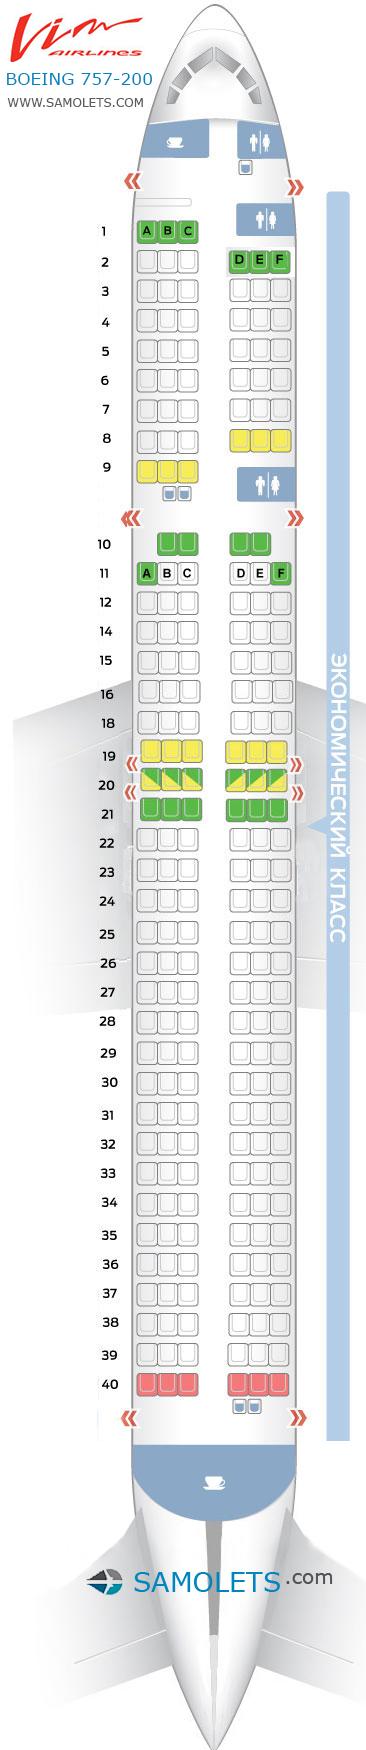 Boeing 757-2q8 схема салона